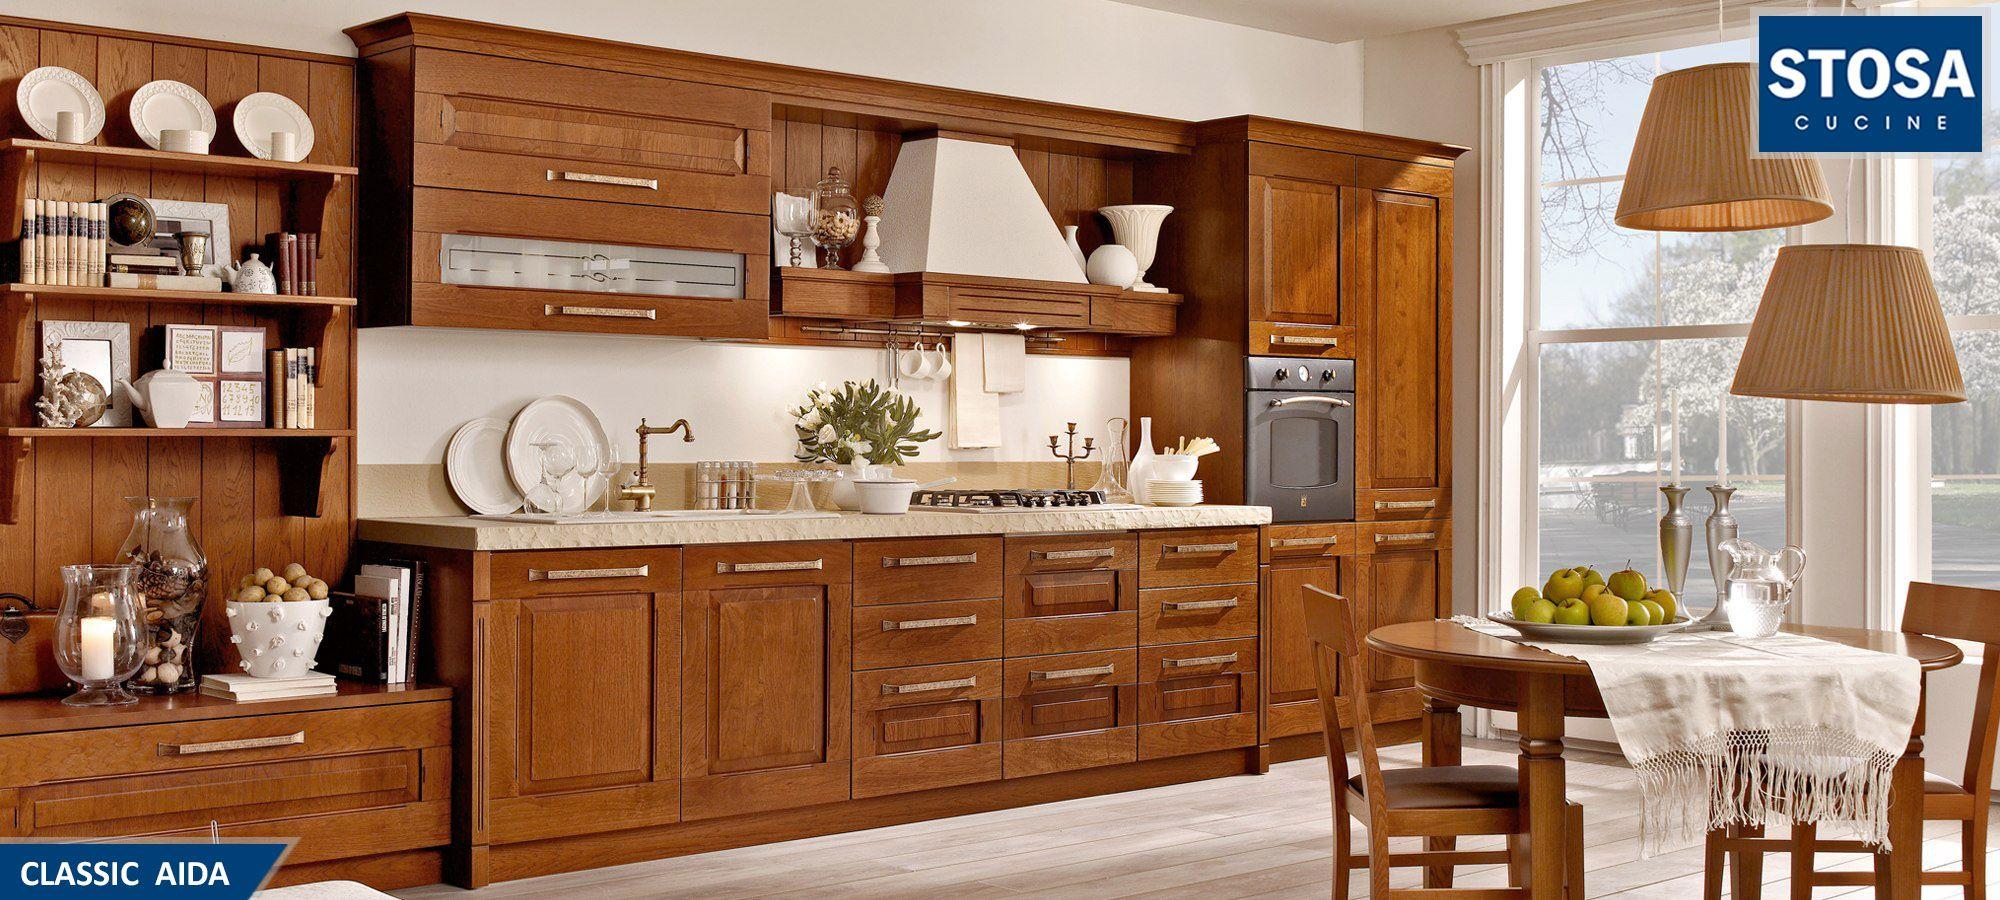 Aida style kitchen stosa cucine http://stosacucine.pk/infinity ...